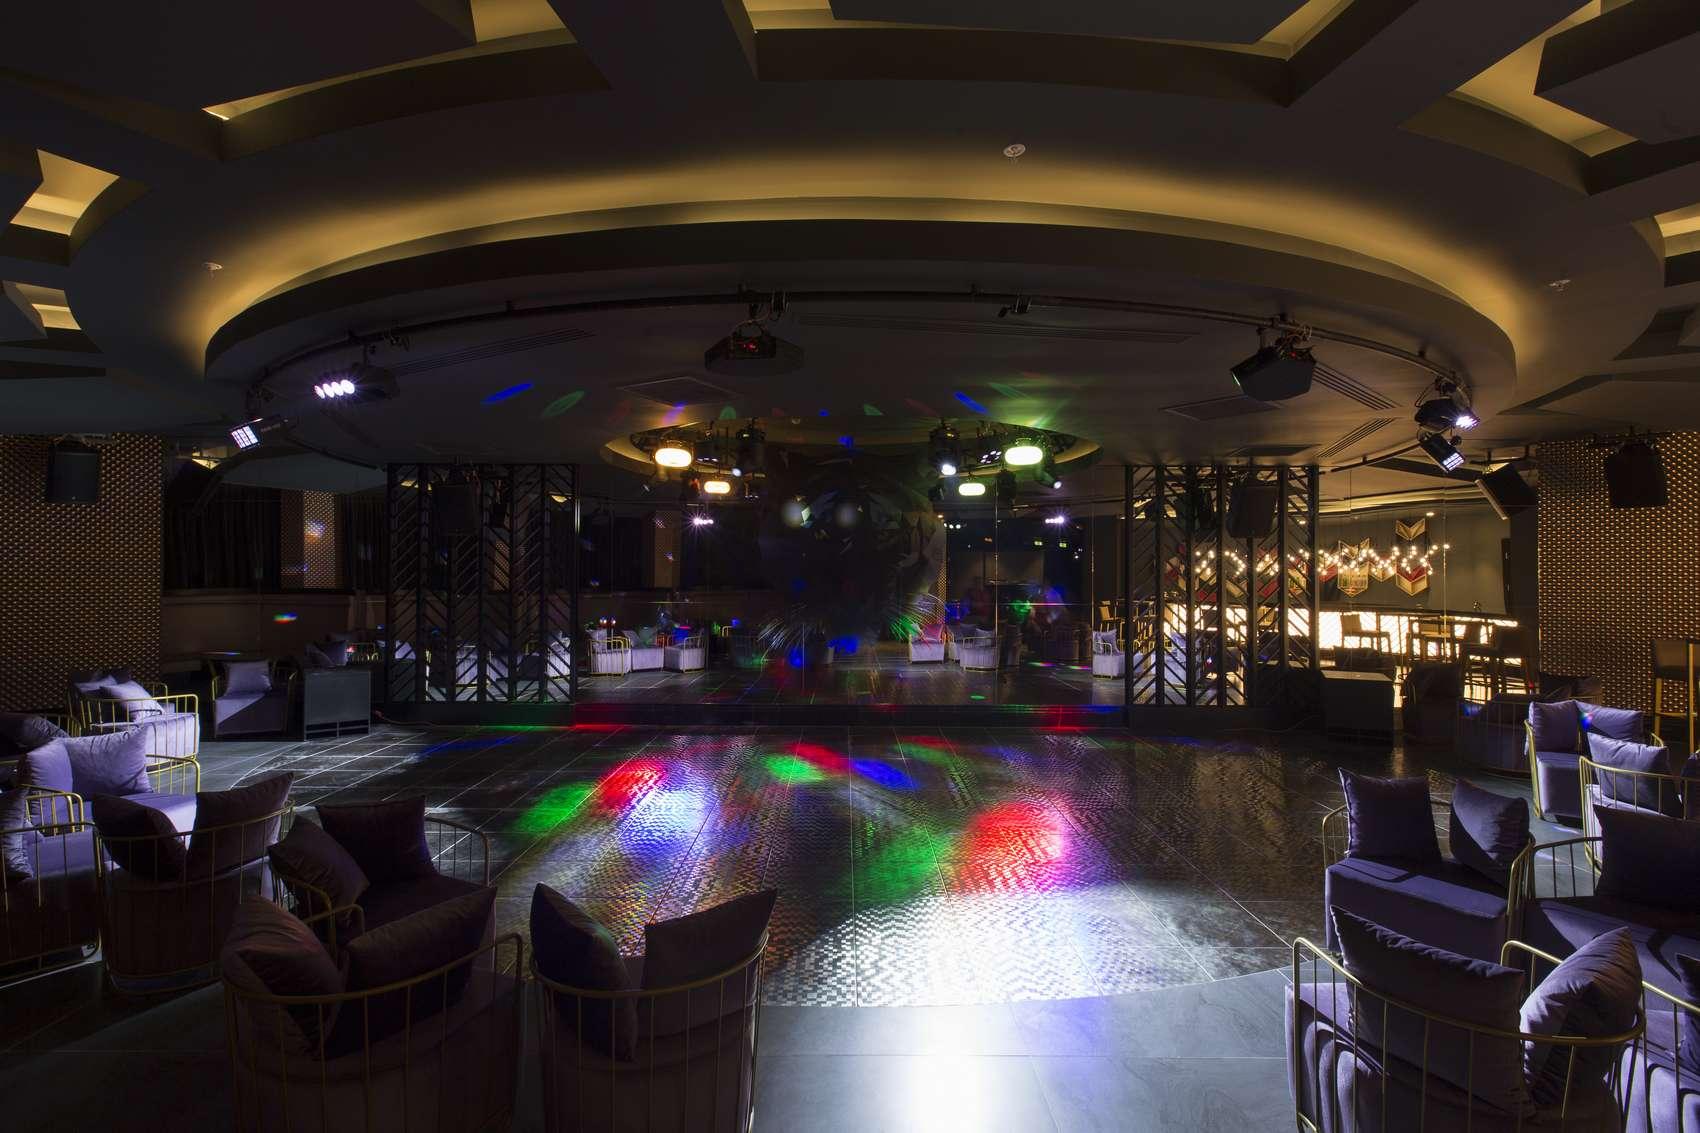 Фото нового отеля Kirman Sidemarin Beach & Spa 5*, Сиде, Турция, развлечения для взрослых